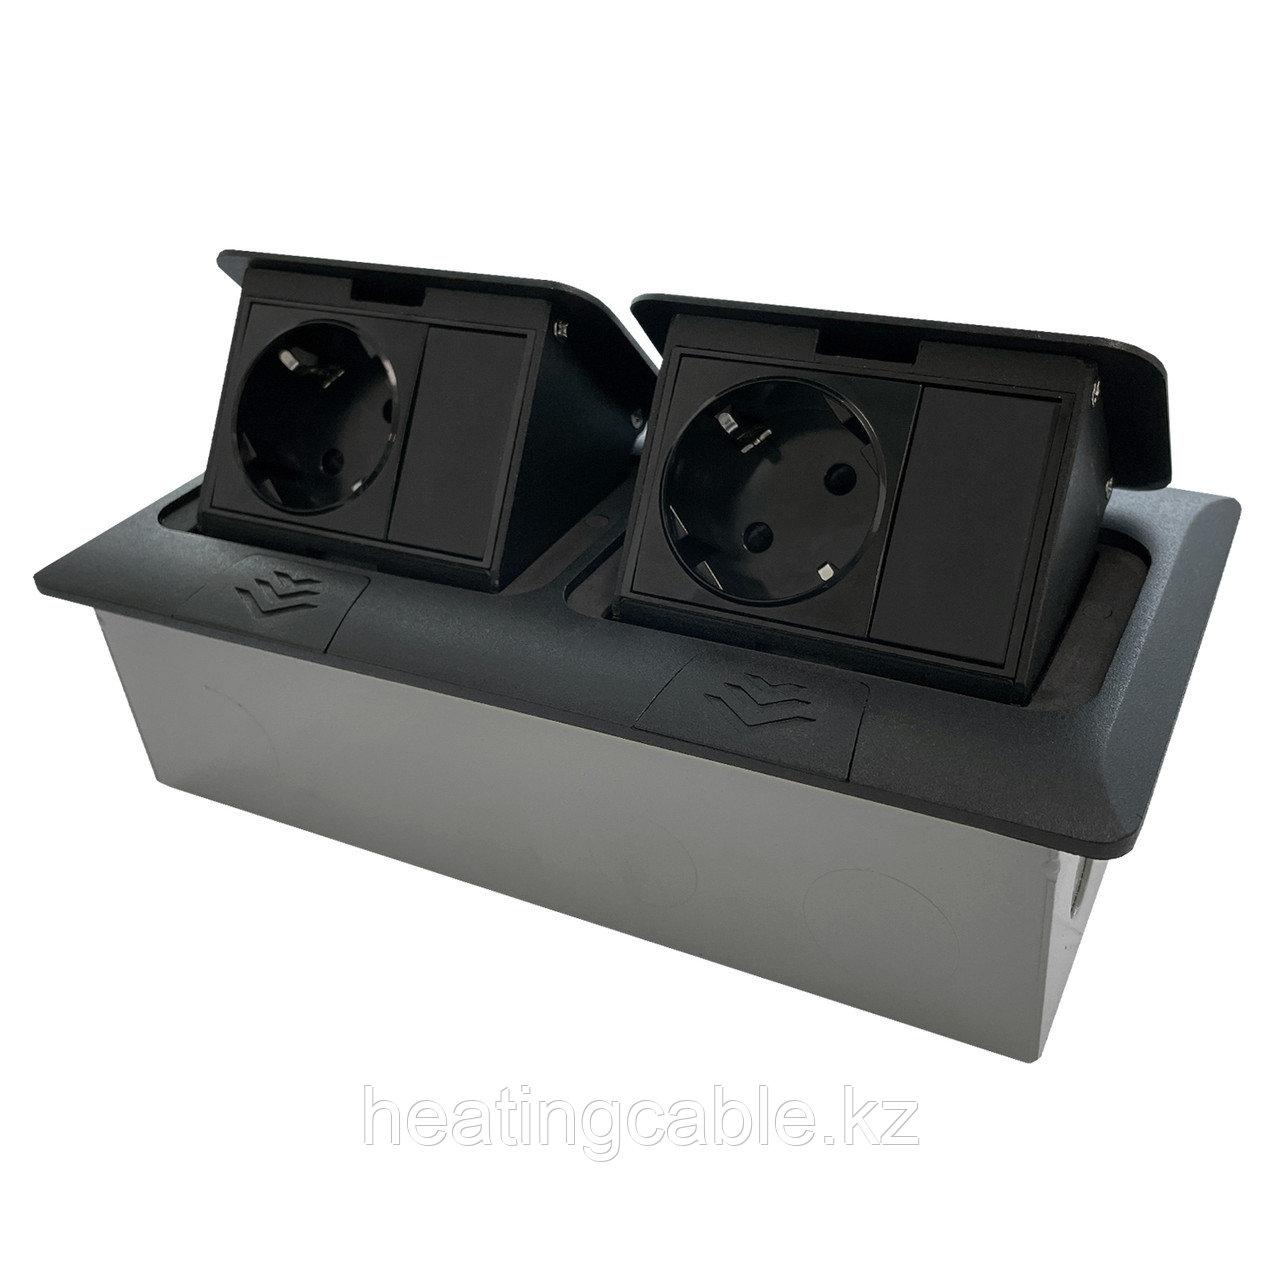 Напольный/настольный лючок на 2х3 модуля, металл, матовое черный